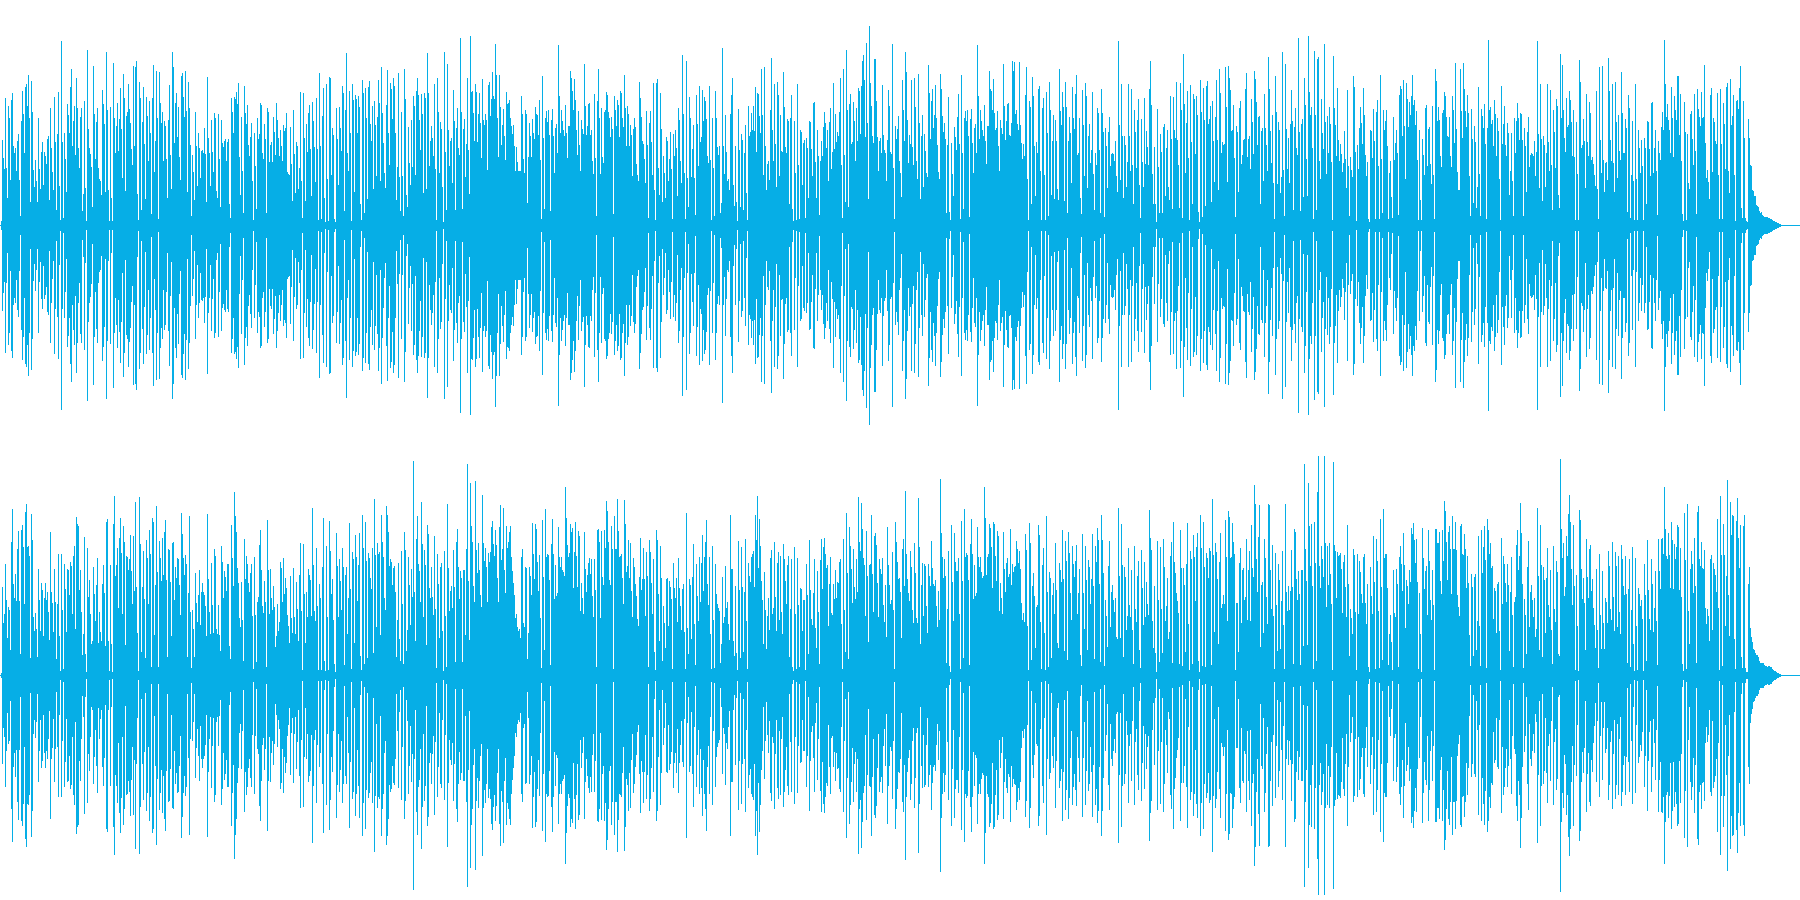 YouTube、おしゃれソロピアノジャズの再生済みの波形